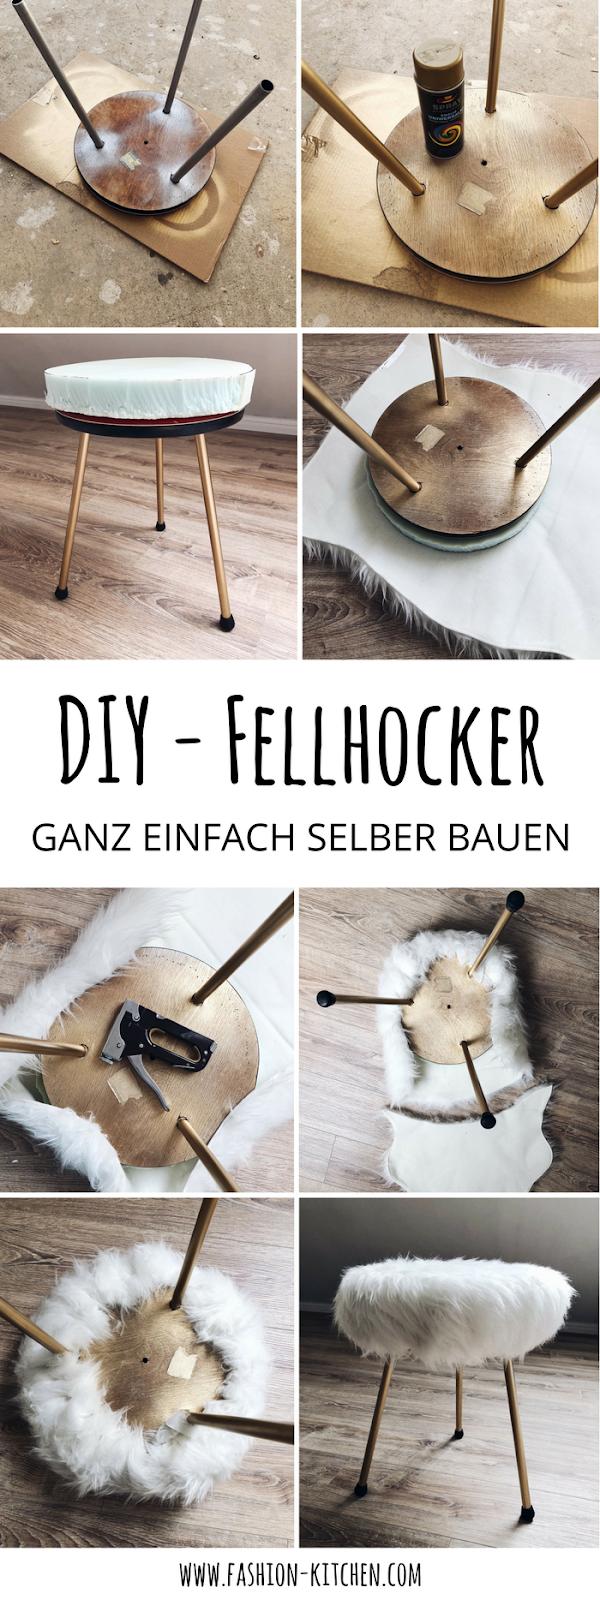 DIY - Fellhocker ganz einfach selber bauen | Fashion Kitchen ...